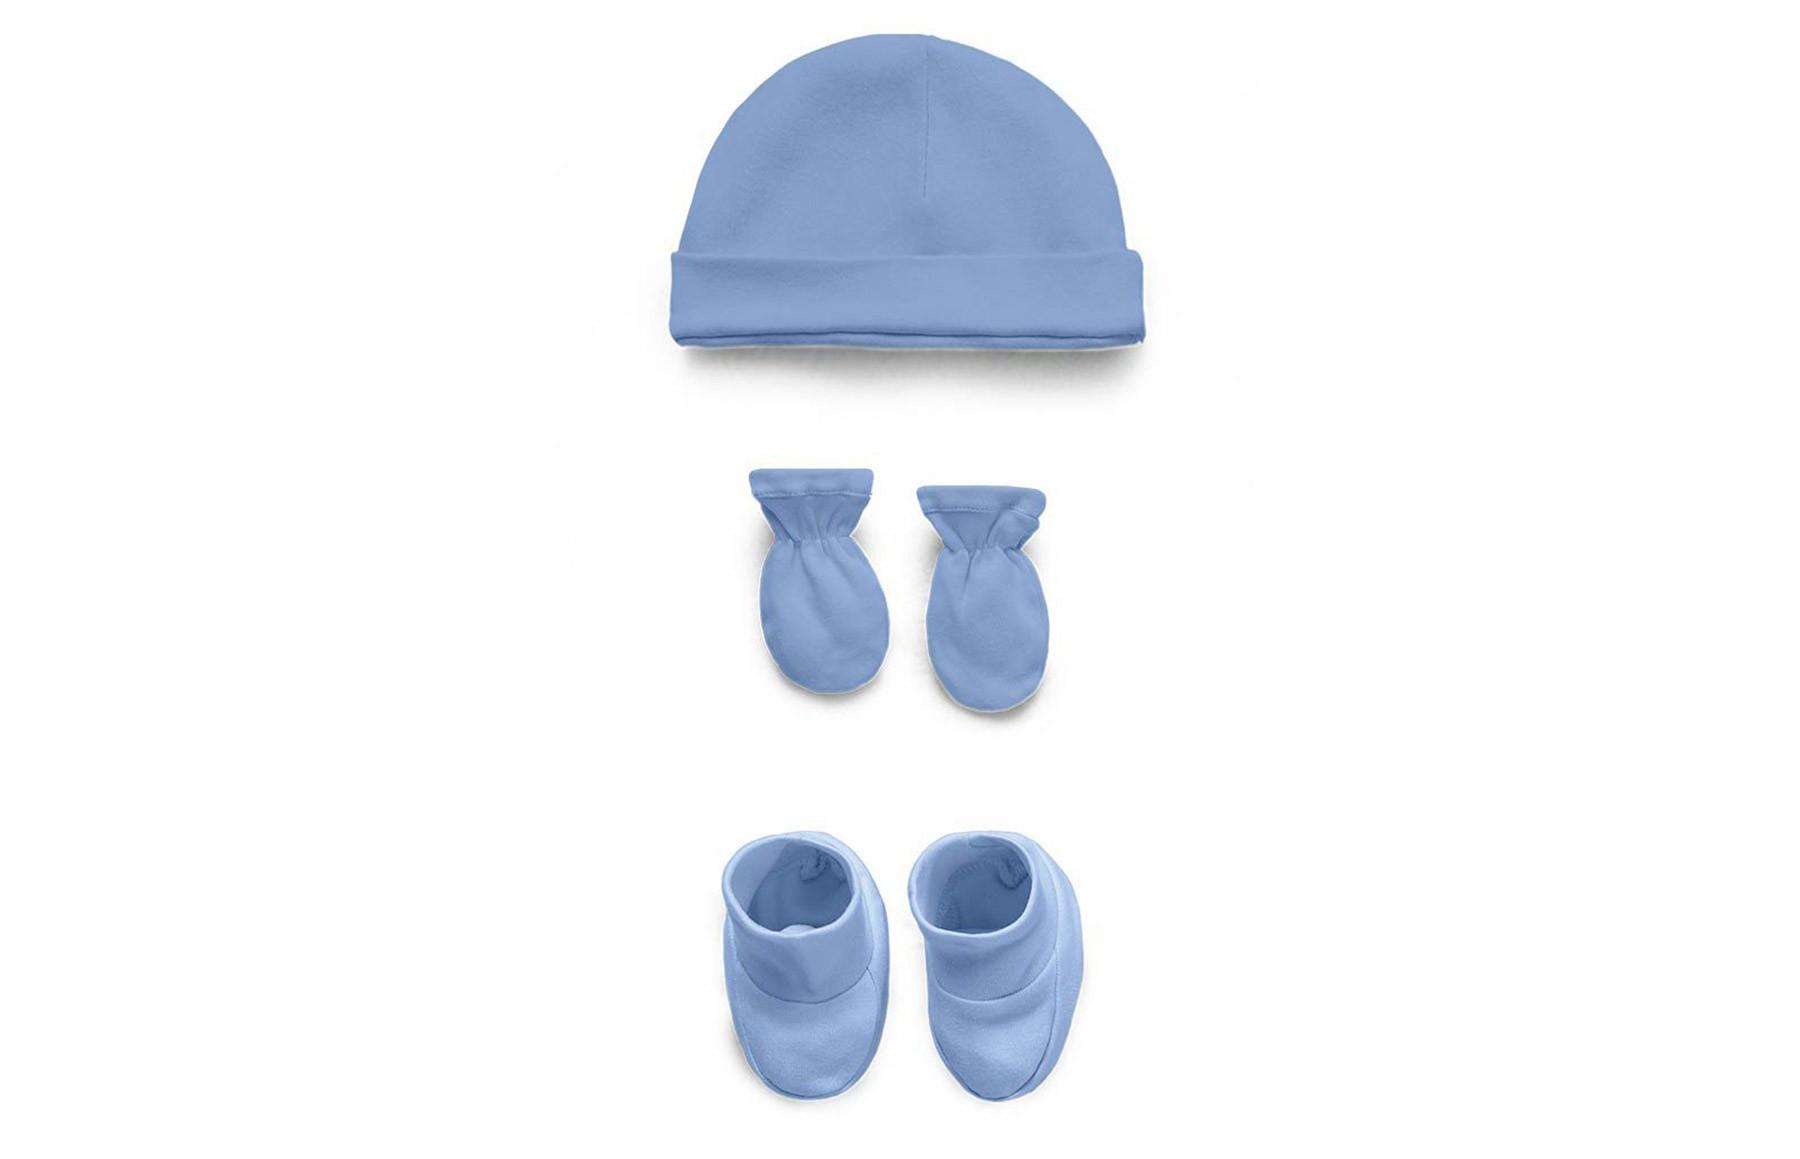 Kit Touca, Luva E Sapatinho Azul